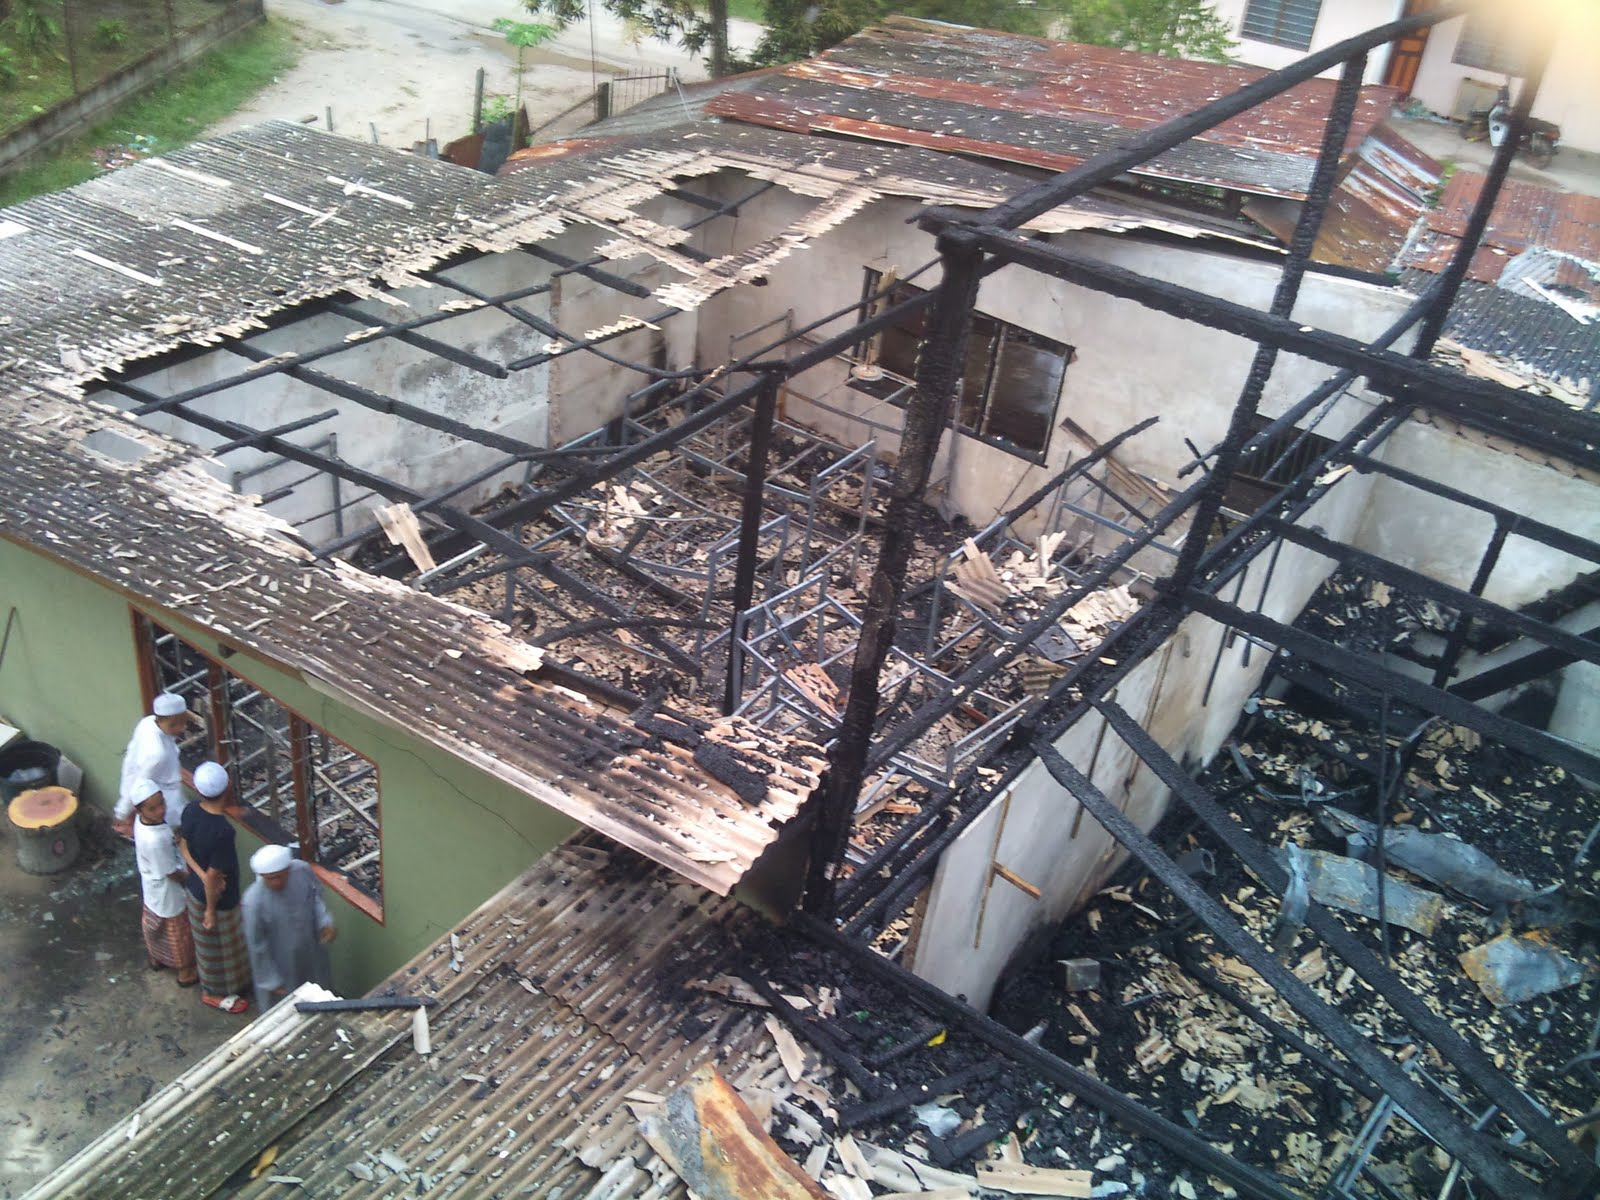 Rayuan Derma Kebakaran Maahad As-Syifaa' Kuala Ibai